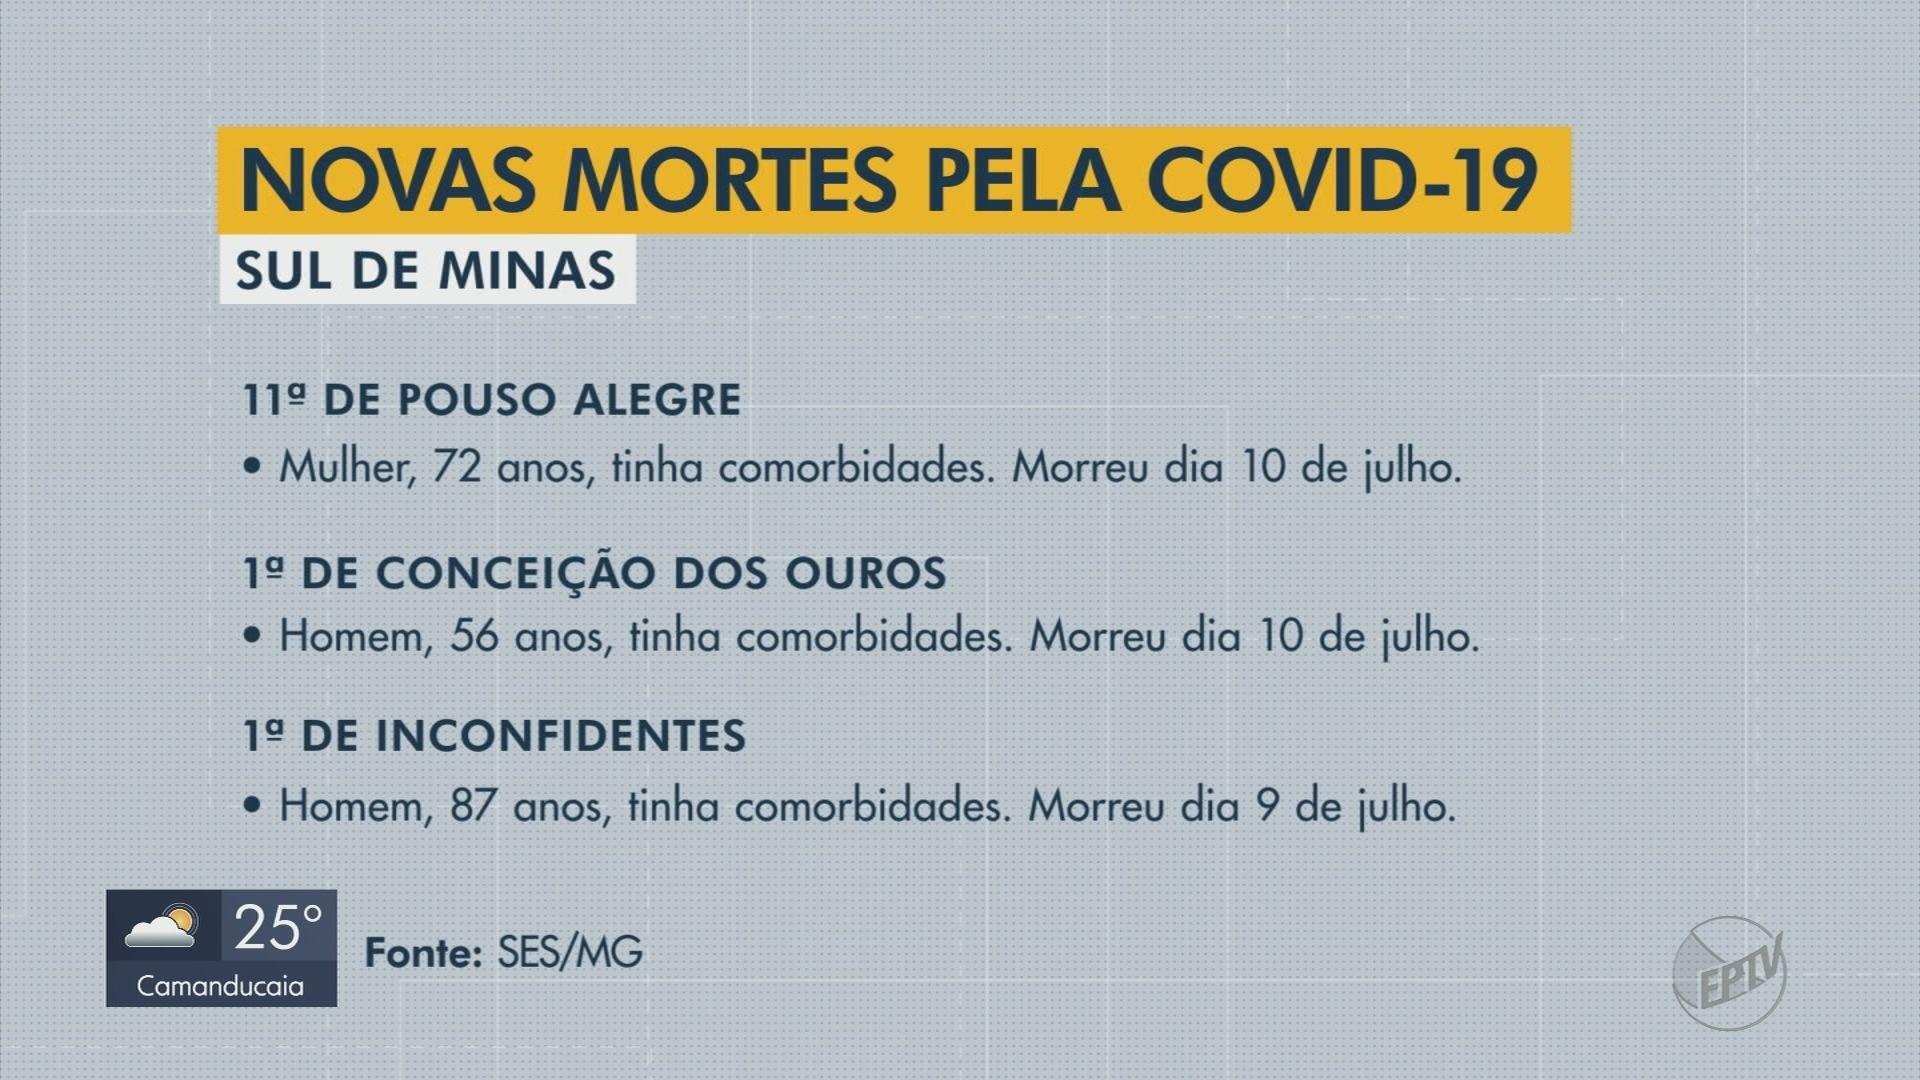 VÍDEOS: EPTV 1 Sul de Minas de segunda-feira, 13 de julho